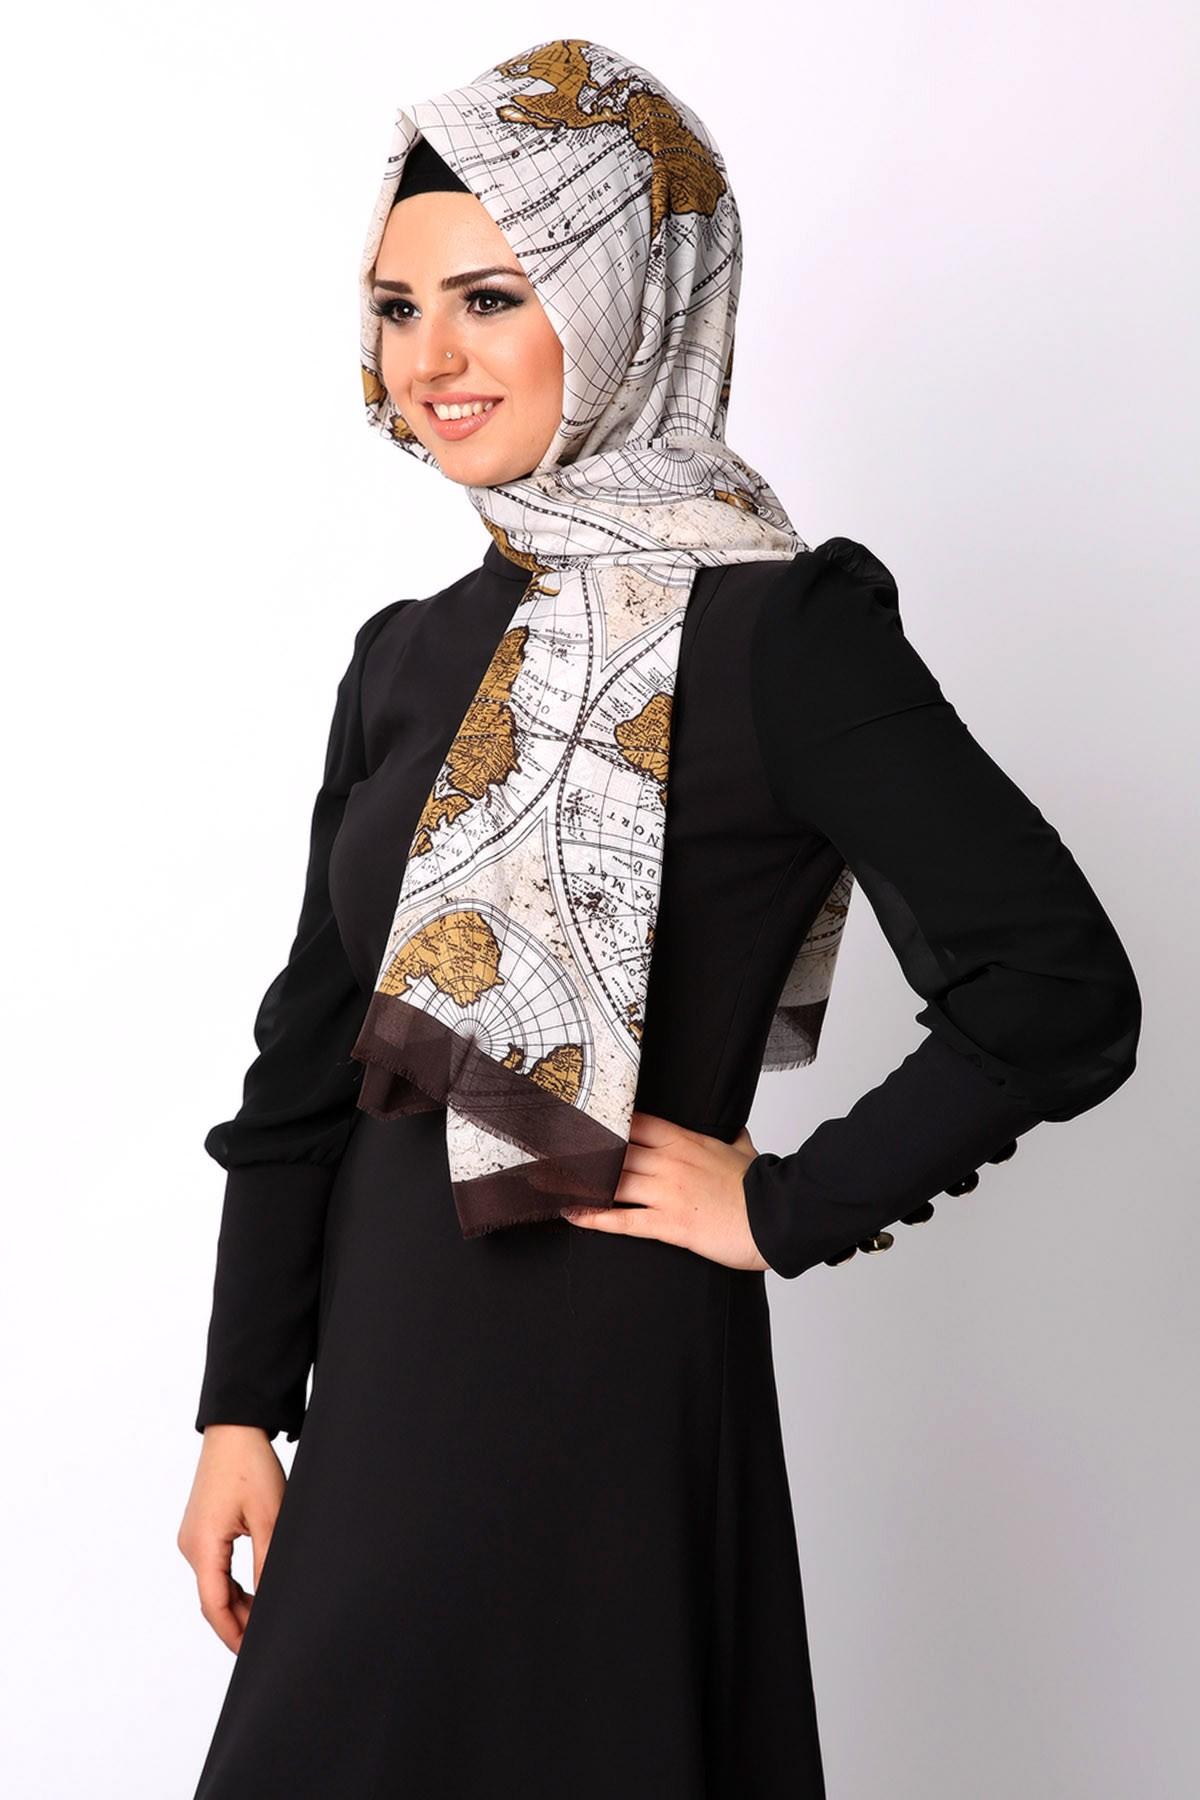 بالصور موديلات حجابات تركية , اجمل الموديلات للحجاب 6042 10